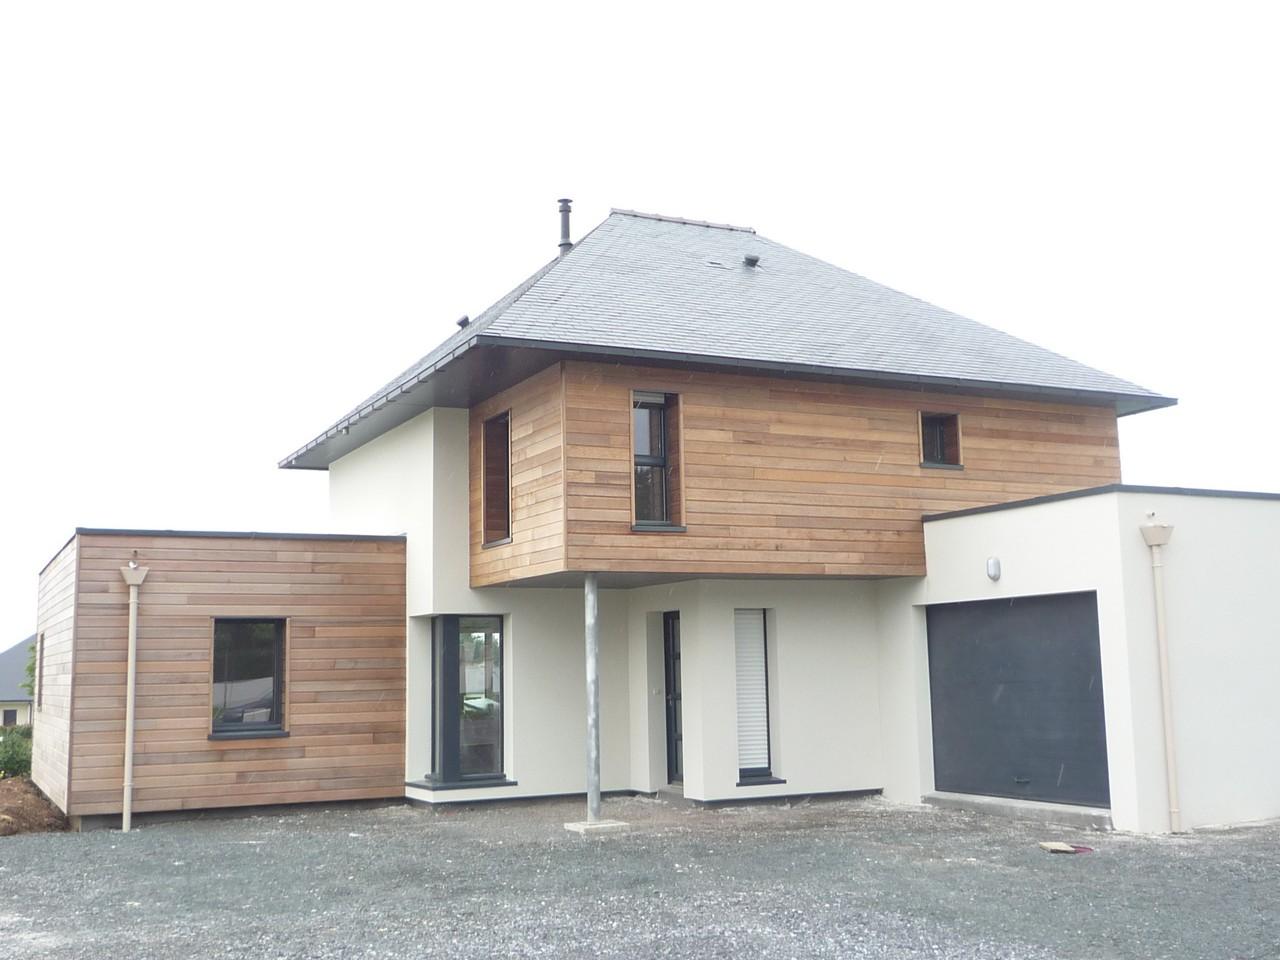 Maison en mur bois massif socoreve for Interieur maison bois massif